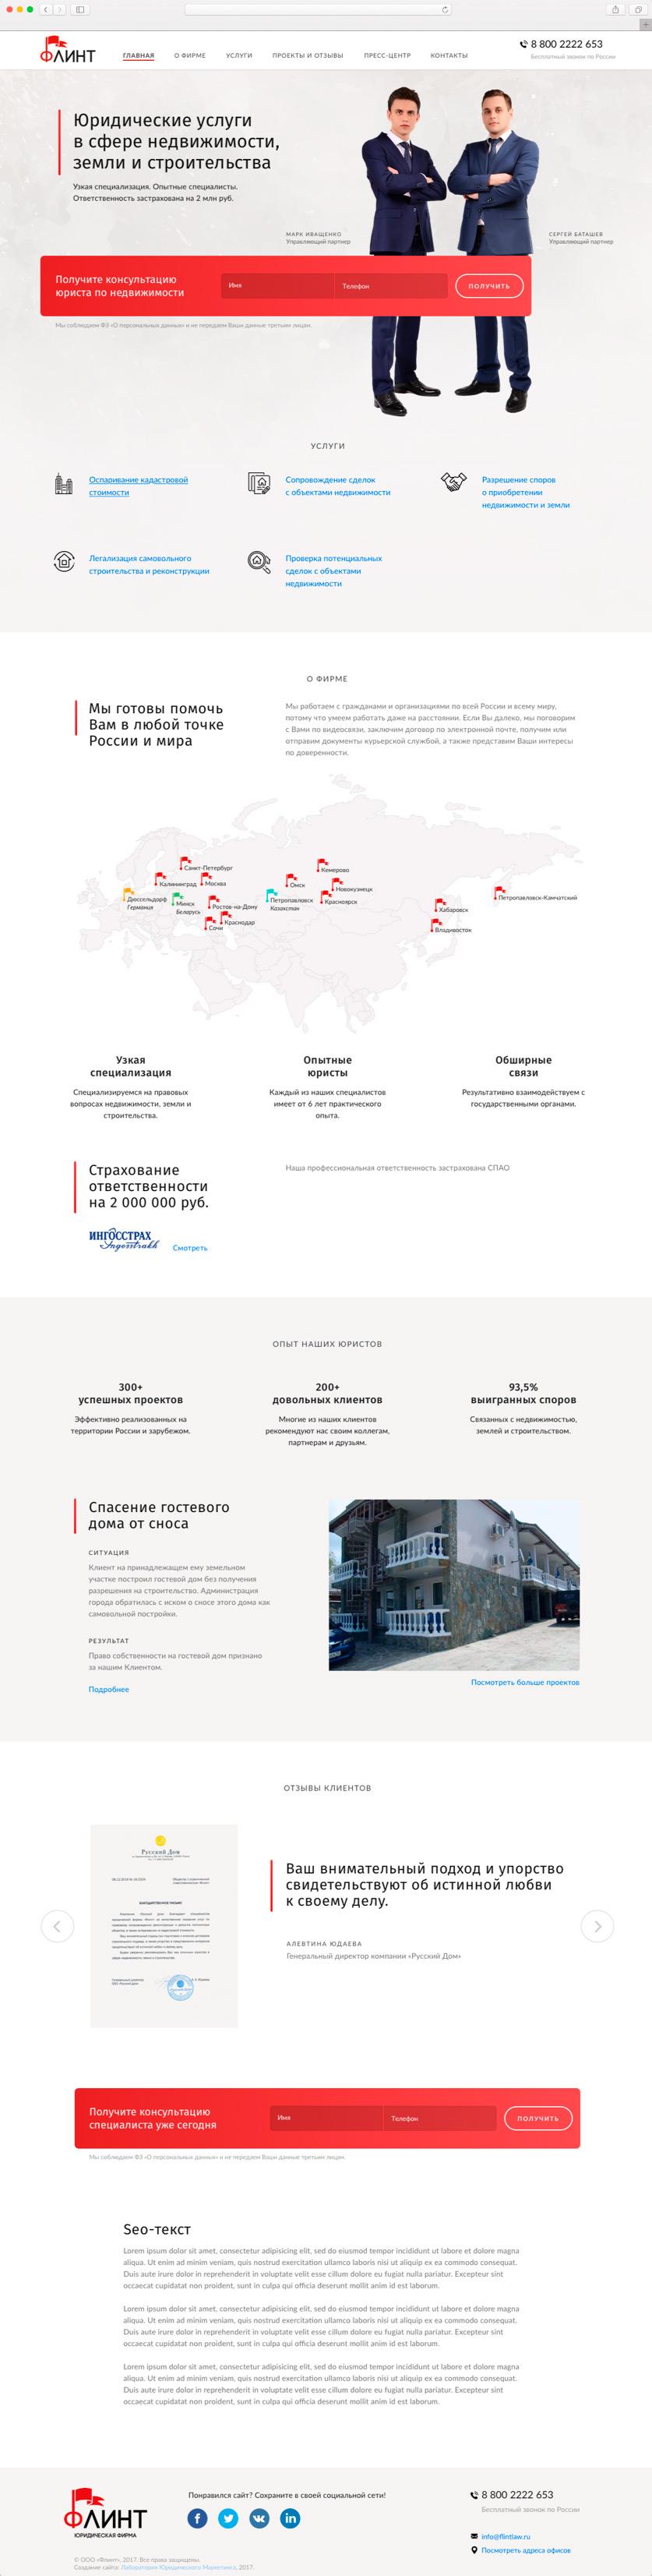 flint_site_page_1